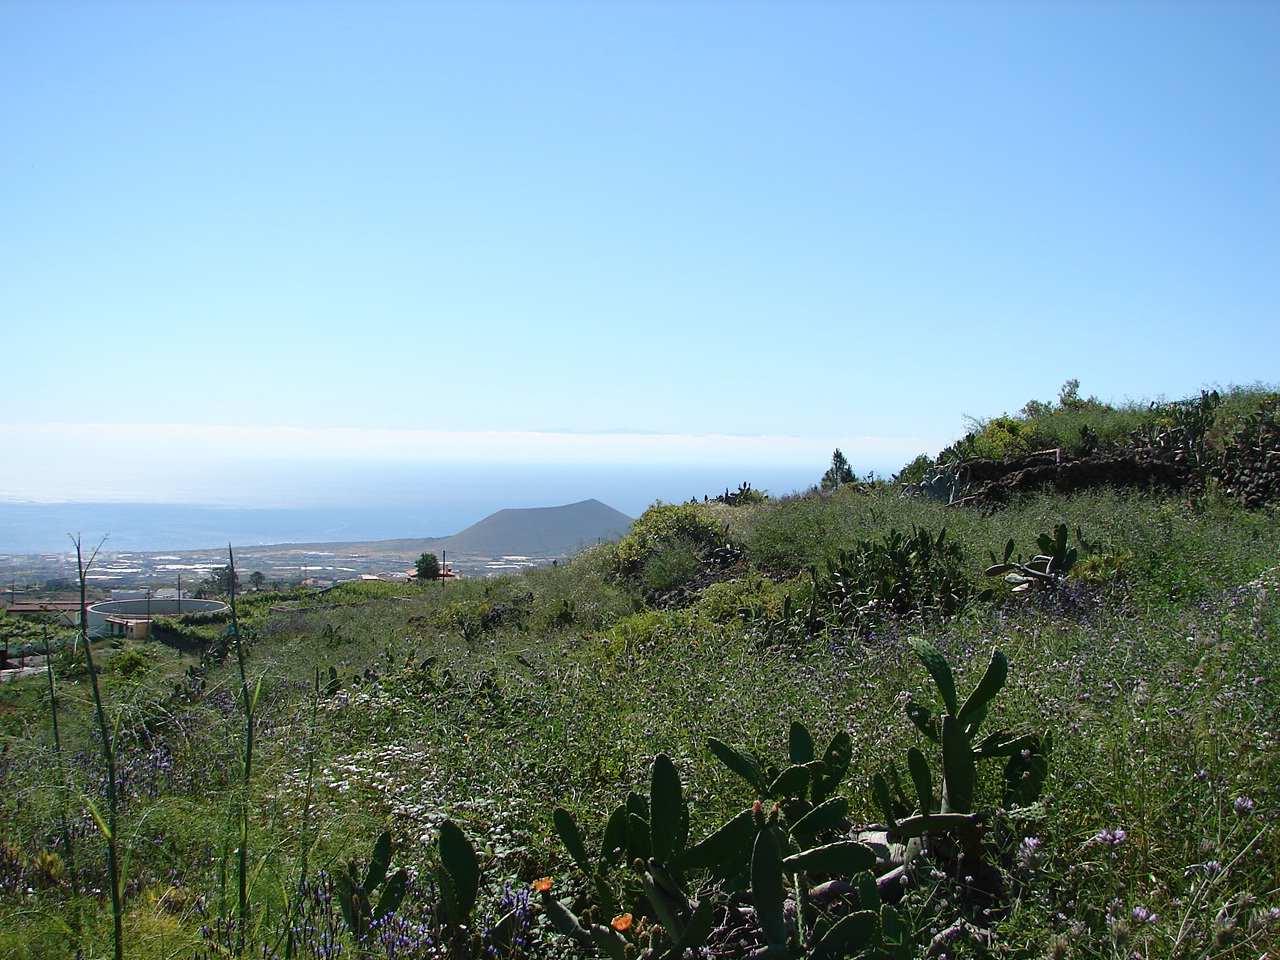 Terreno in vendita tenerife proprieta immobiliare isole - Immobiliare spagna ...